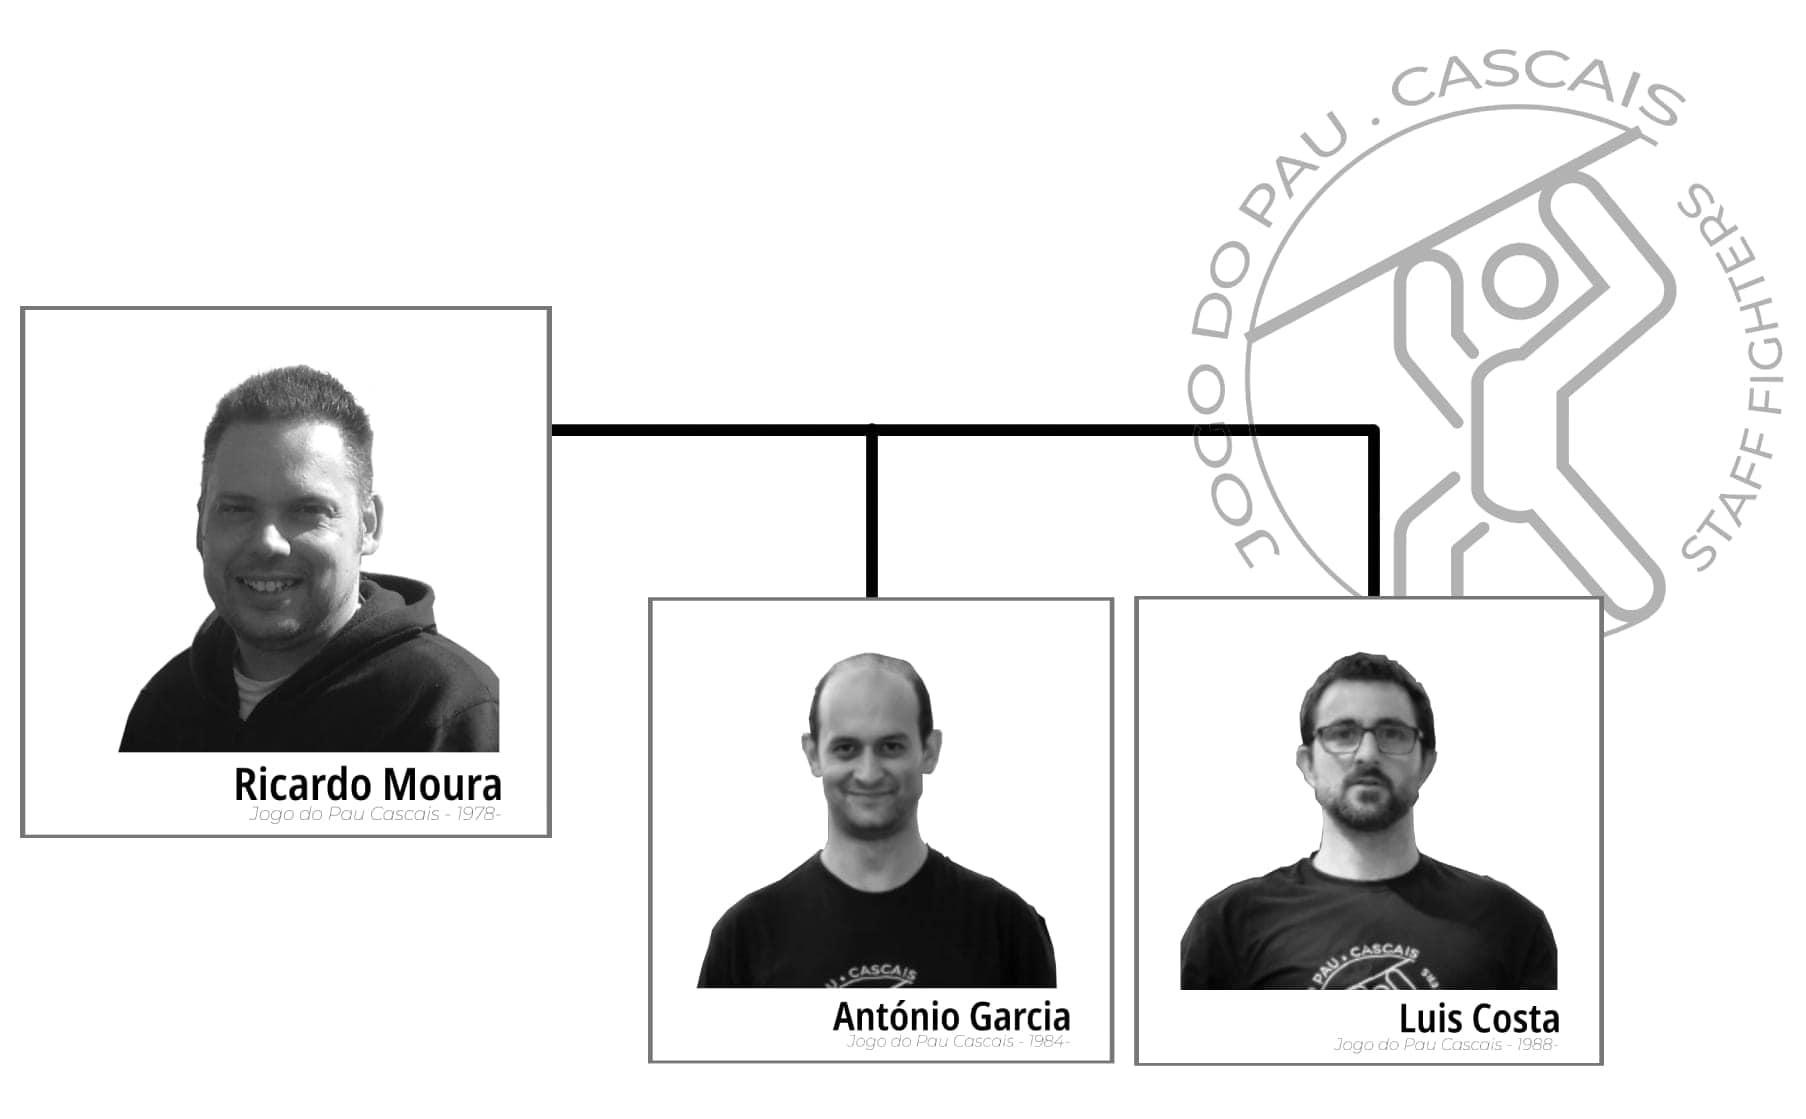 Instrutores de Jogo do Pau de Cascais